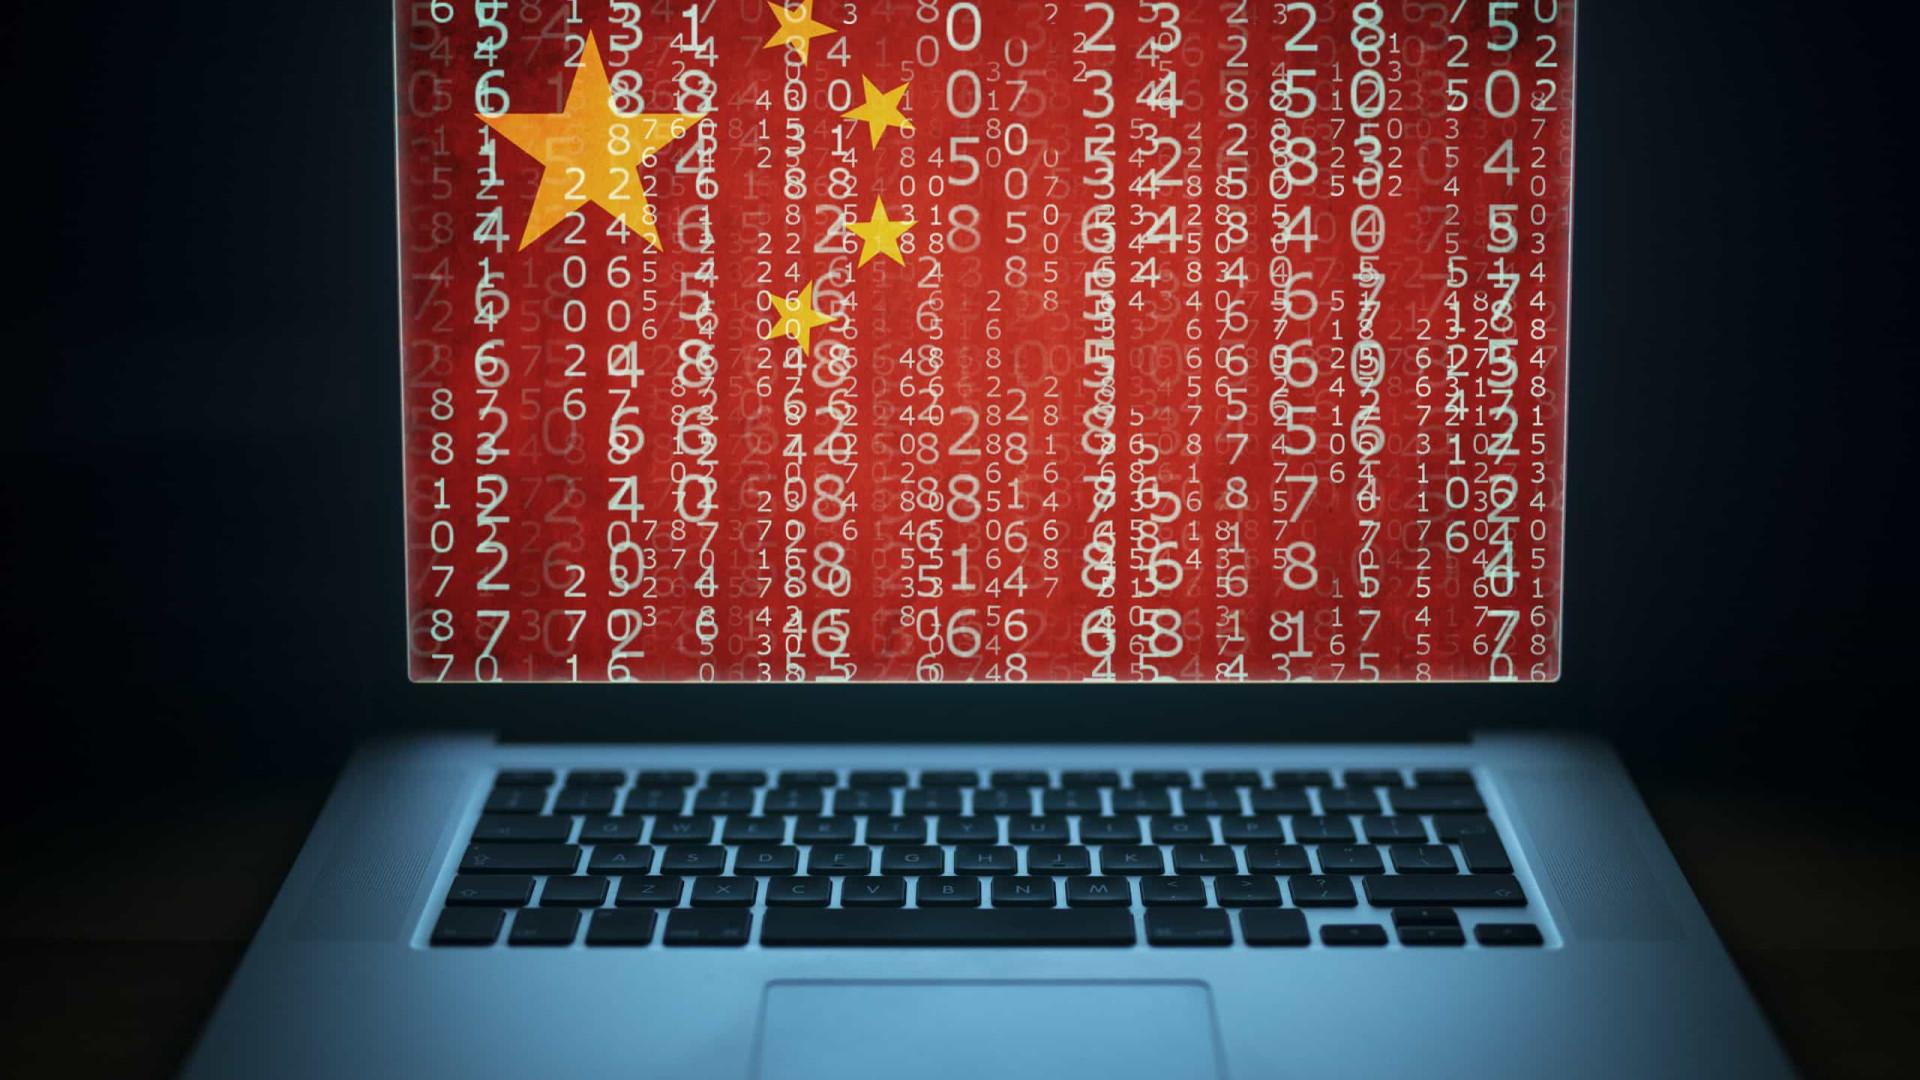 Após ser acusação de Washington, China acusa EUA de ciberataque